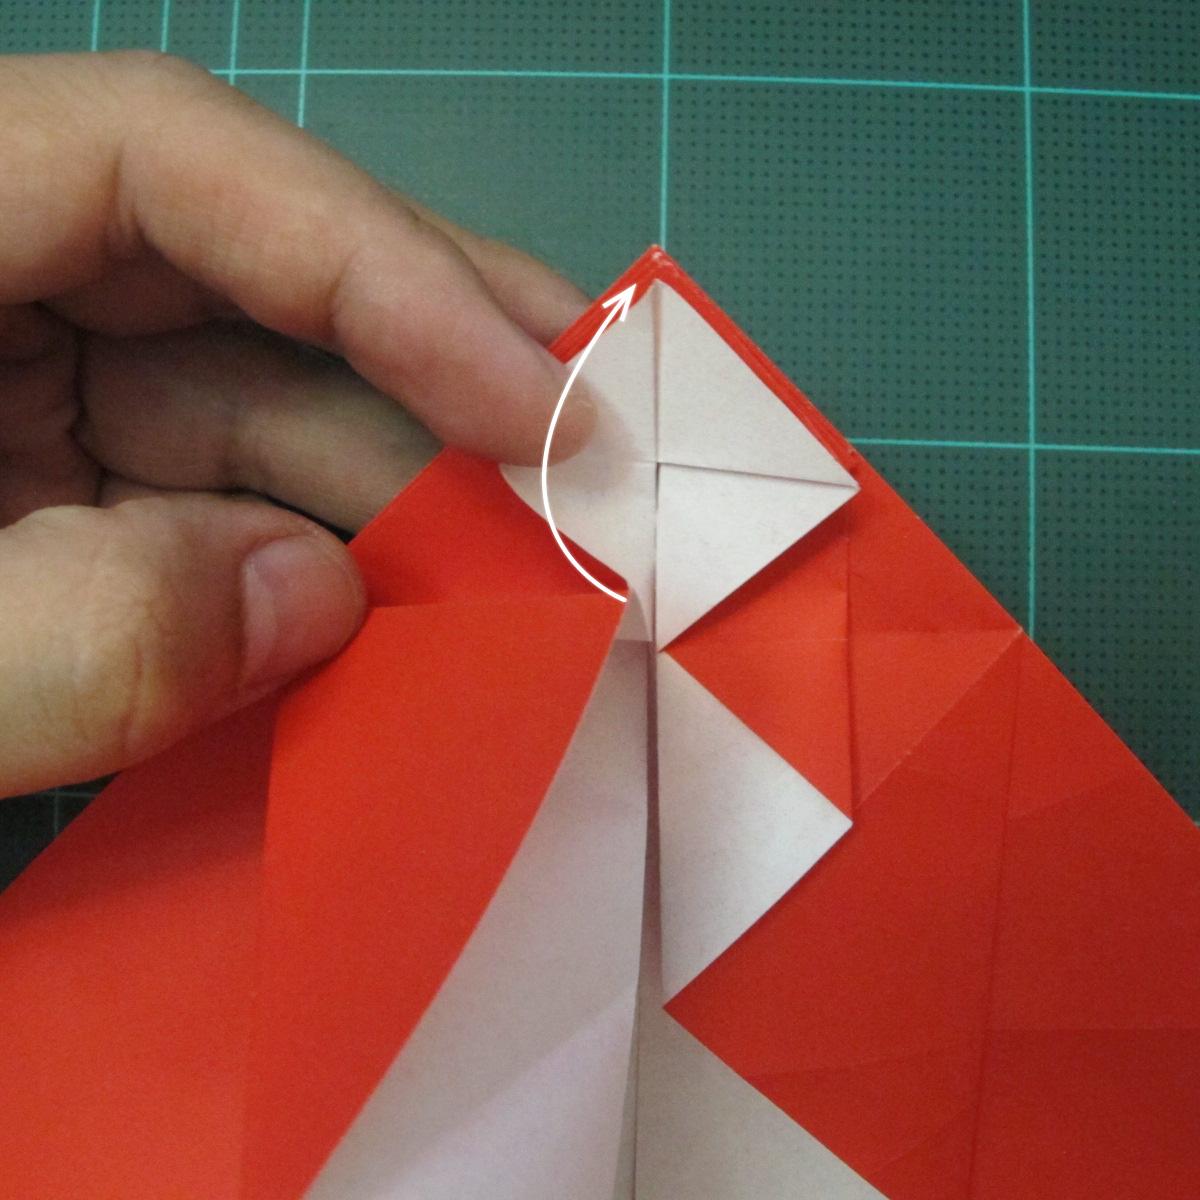 การพับกระดาษเป็นรูปสัตว์ประหลาดก็อตซิล่า (Origami Gozzila) 016